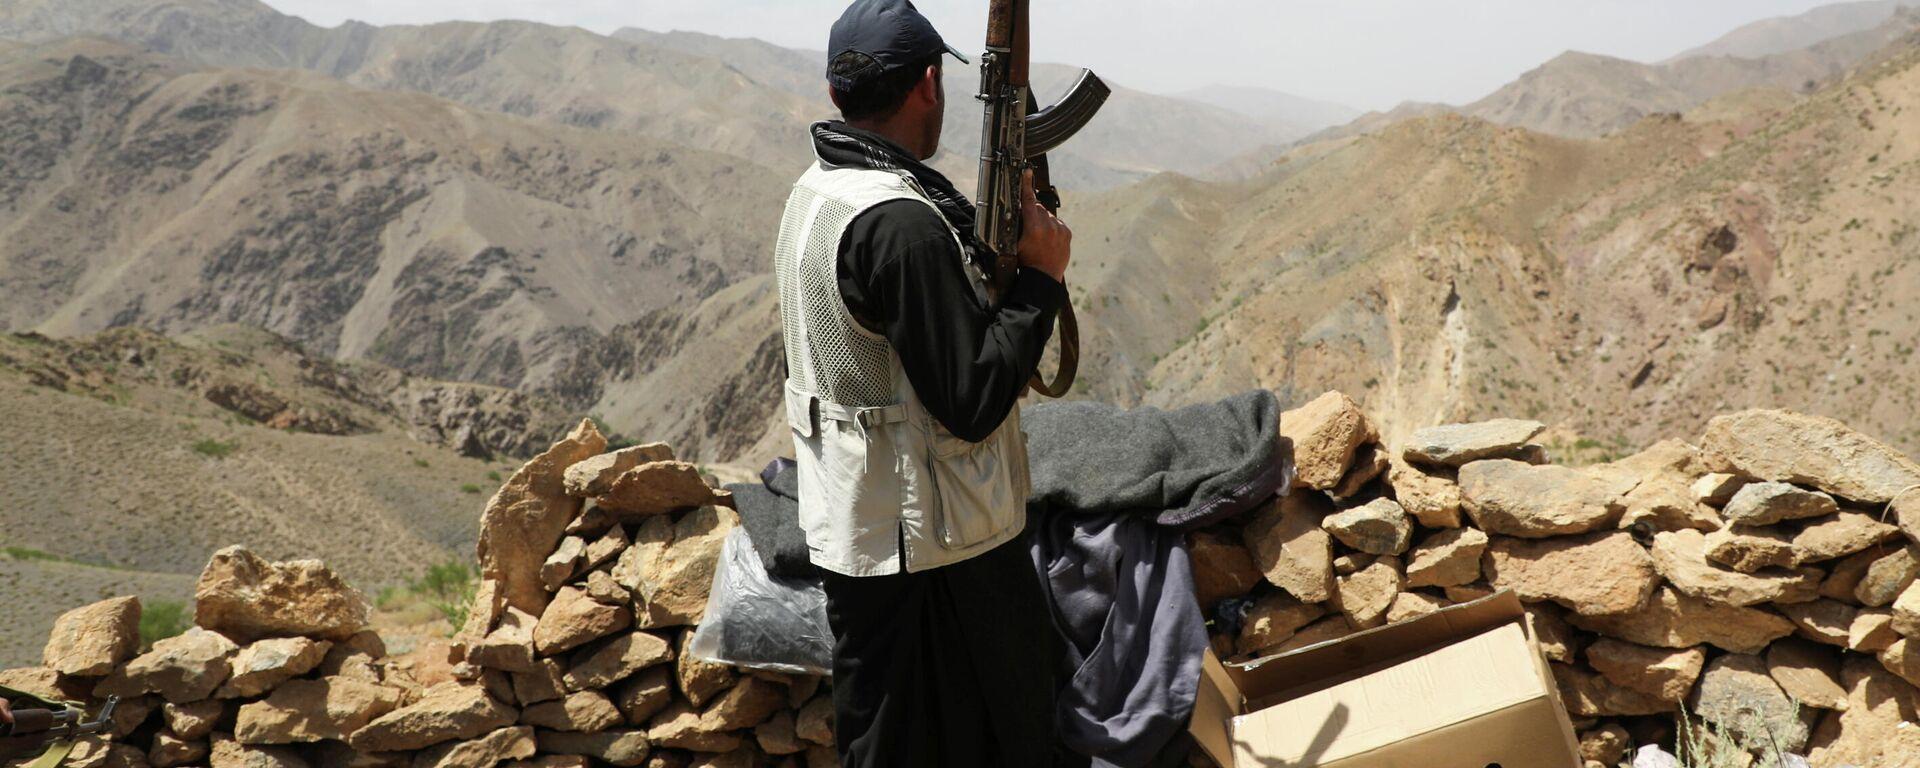 Вооруженный человек, выступающий против восстания талибов - Sputnik Таджикистан, 1920, 09.07.2021